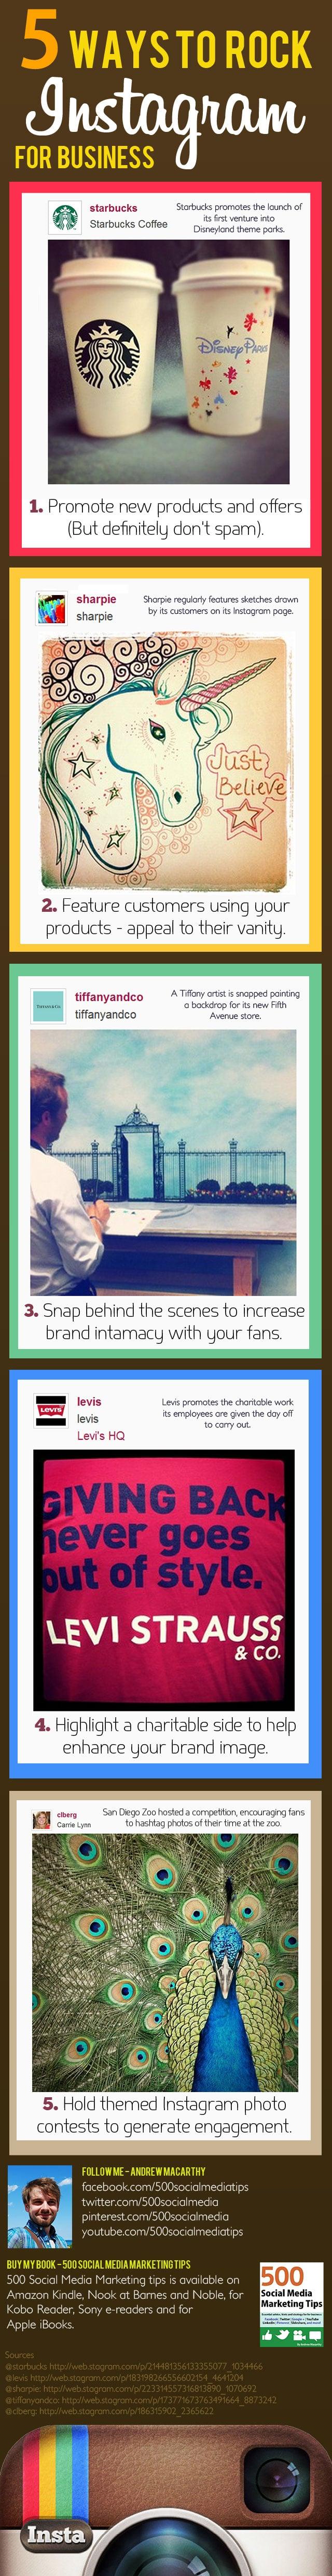 5-killer-instagram-company-tips